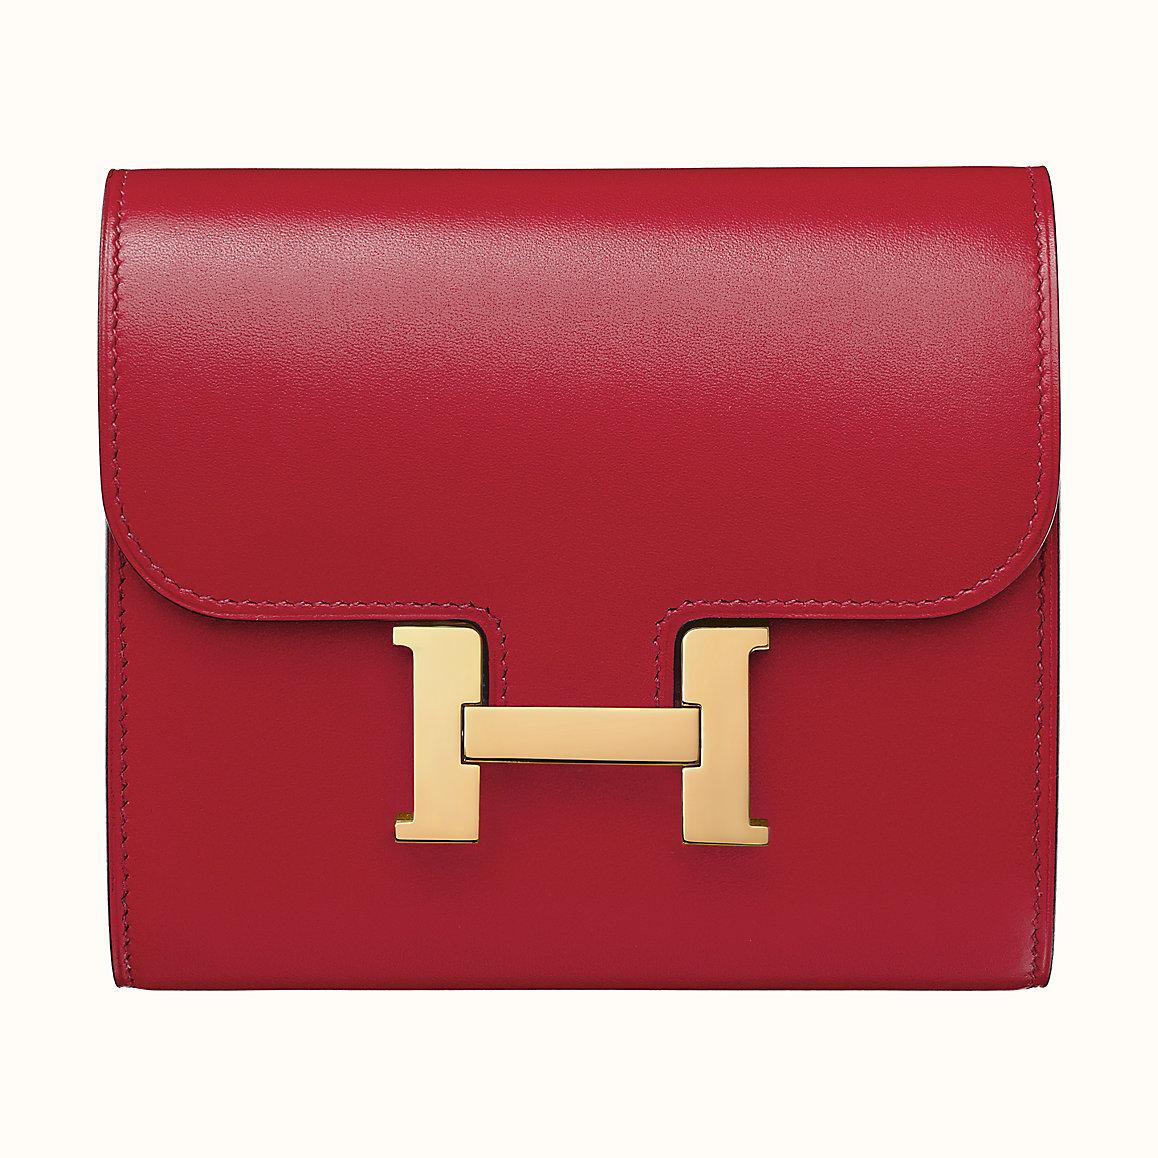 30代の女性におすすめエルメスの財布